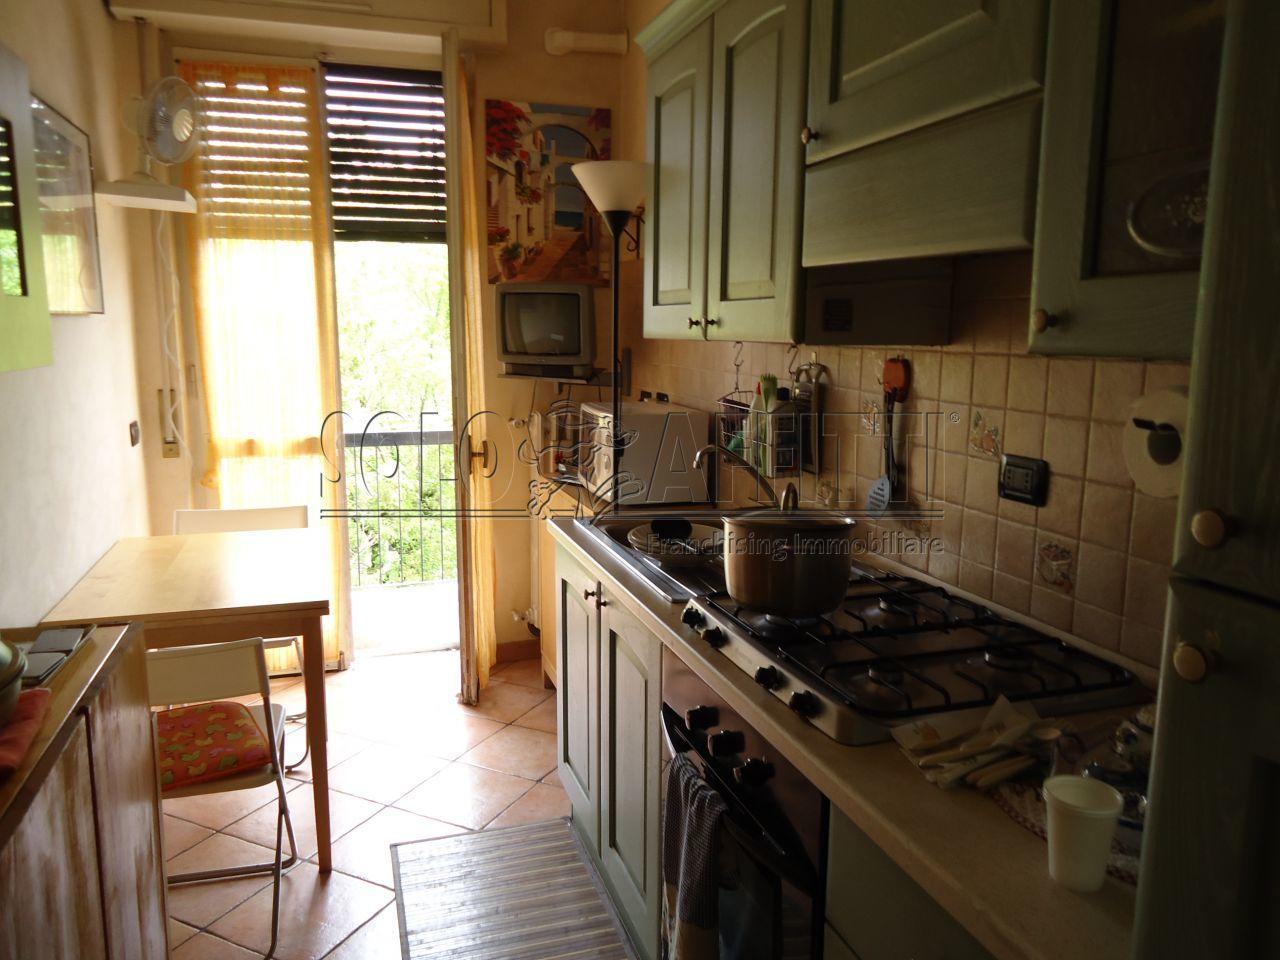 Bilocale Rozzano Via Bergamo 4 1